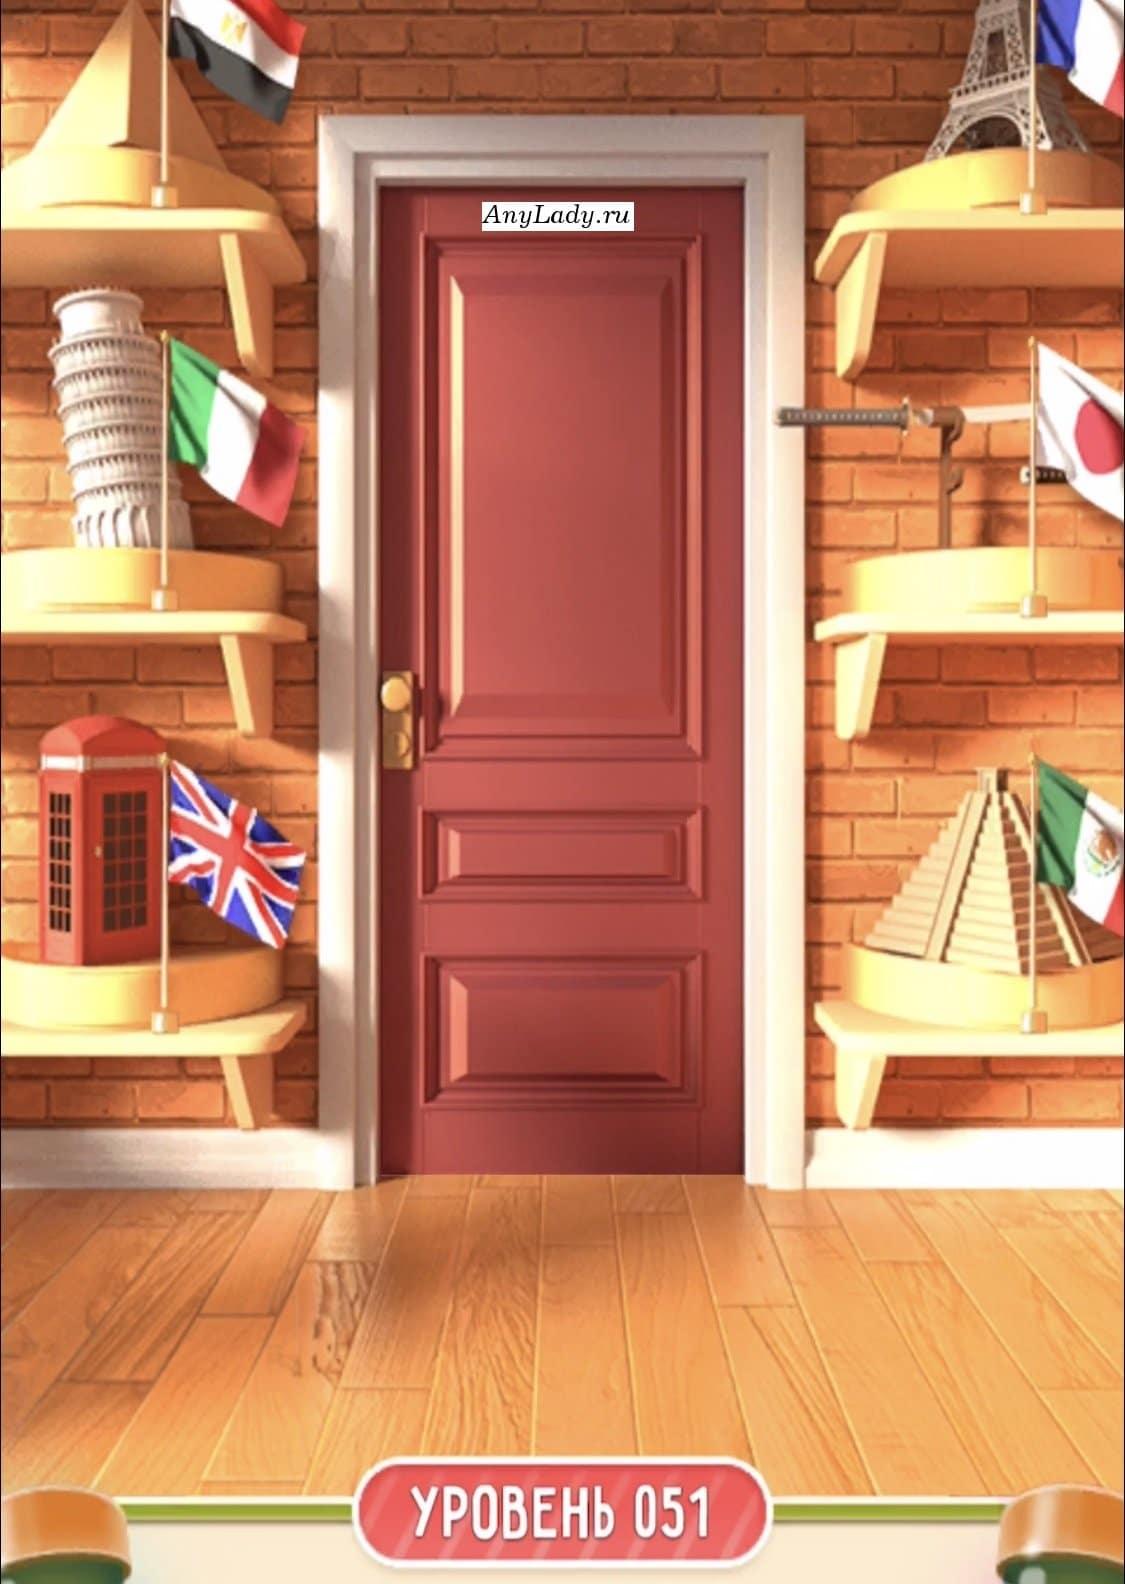 Перед Вами шесть стран, для прохождения задания кликните на флаг несколько раз, пока он не совпадет с достопримечательностью.